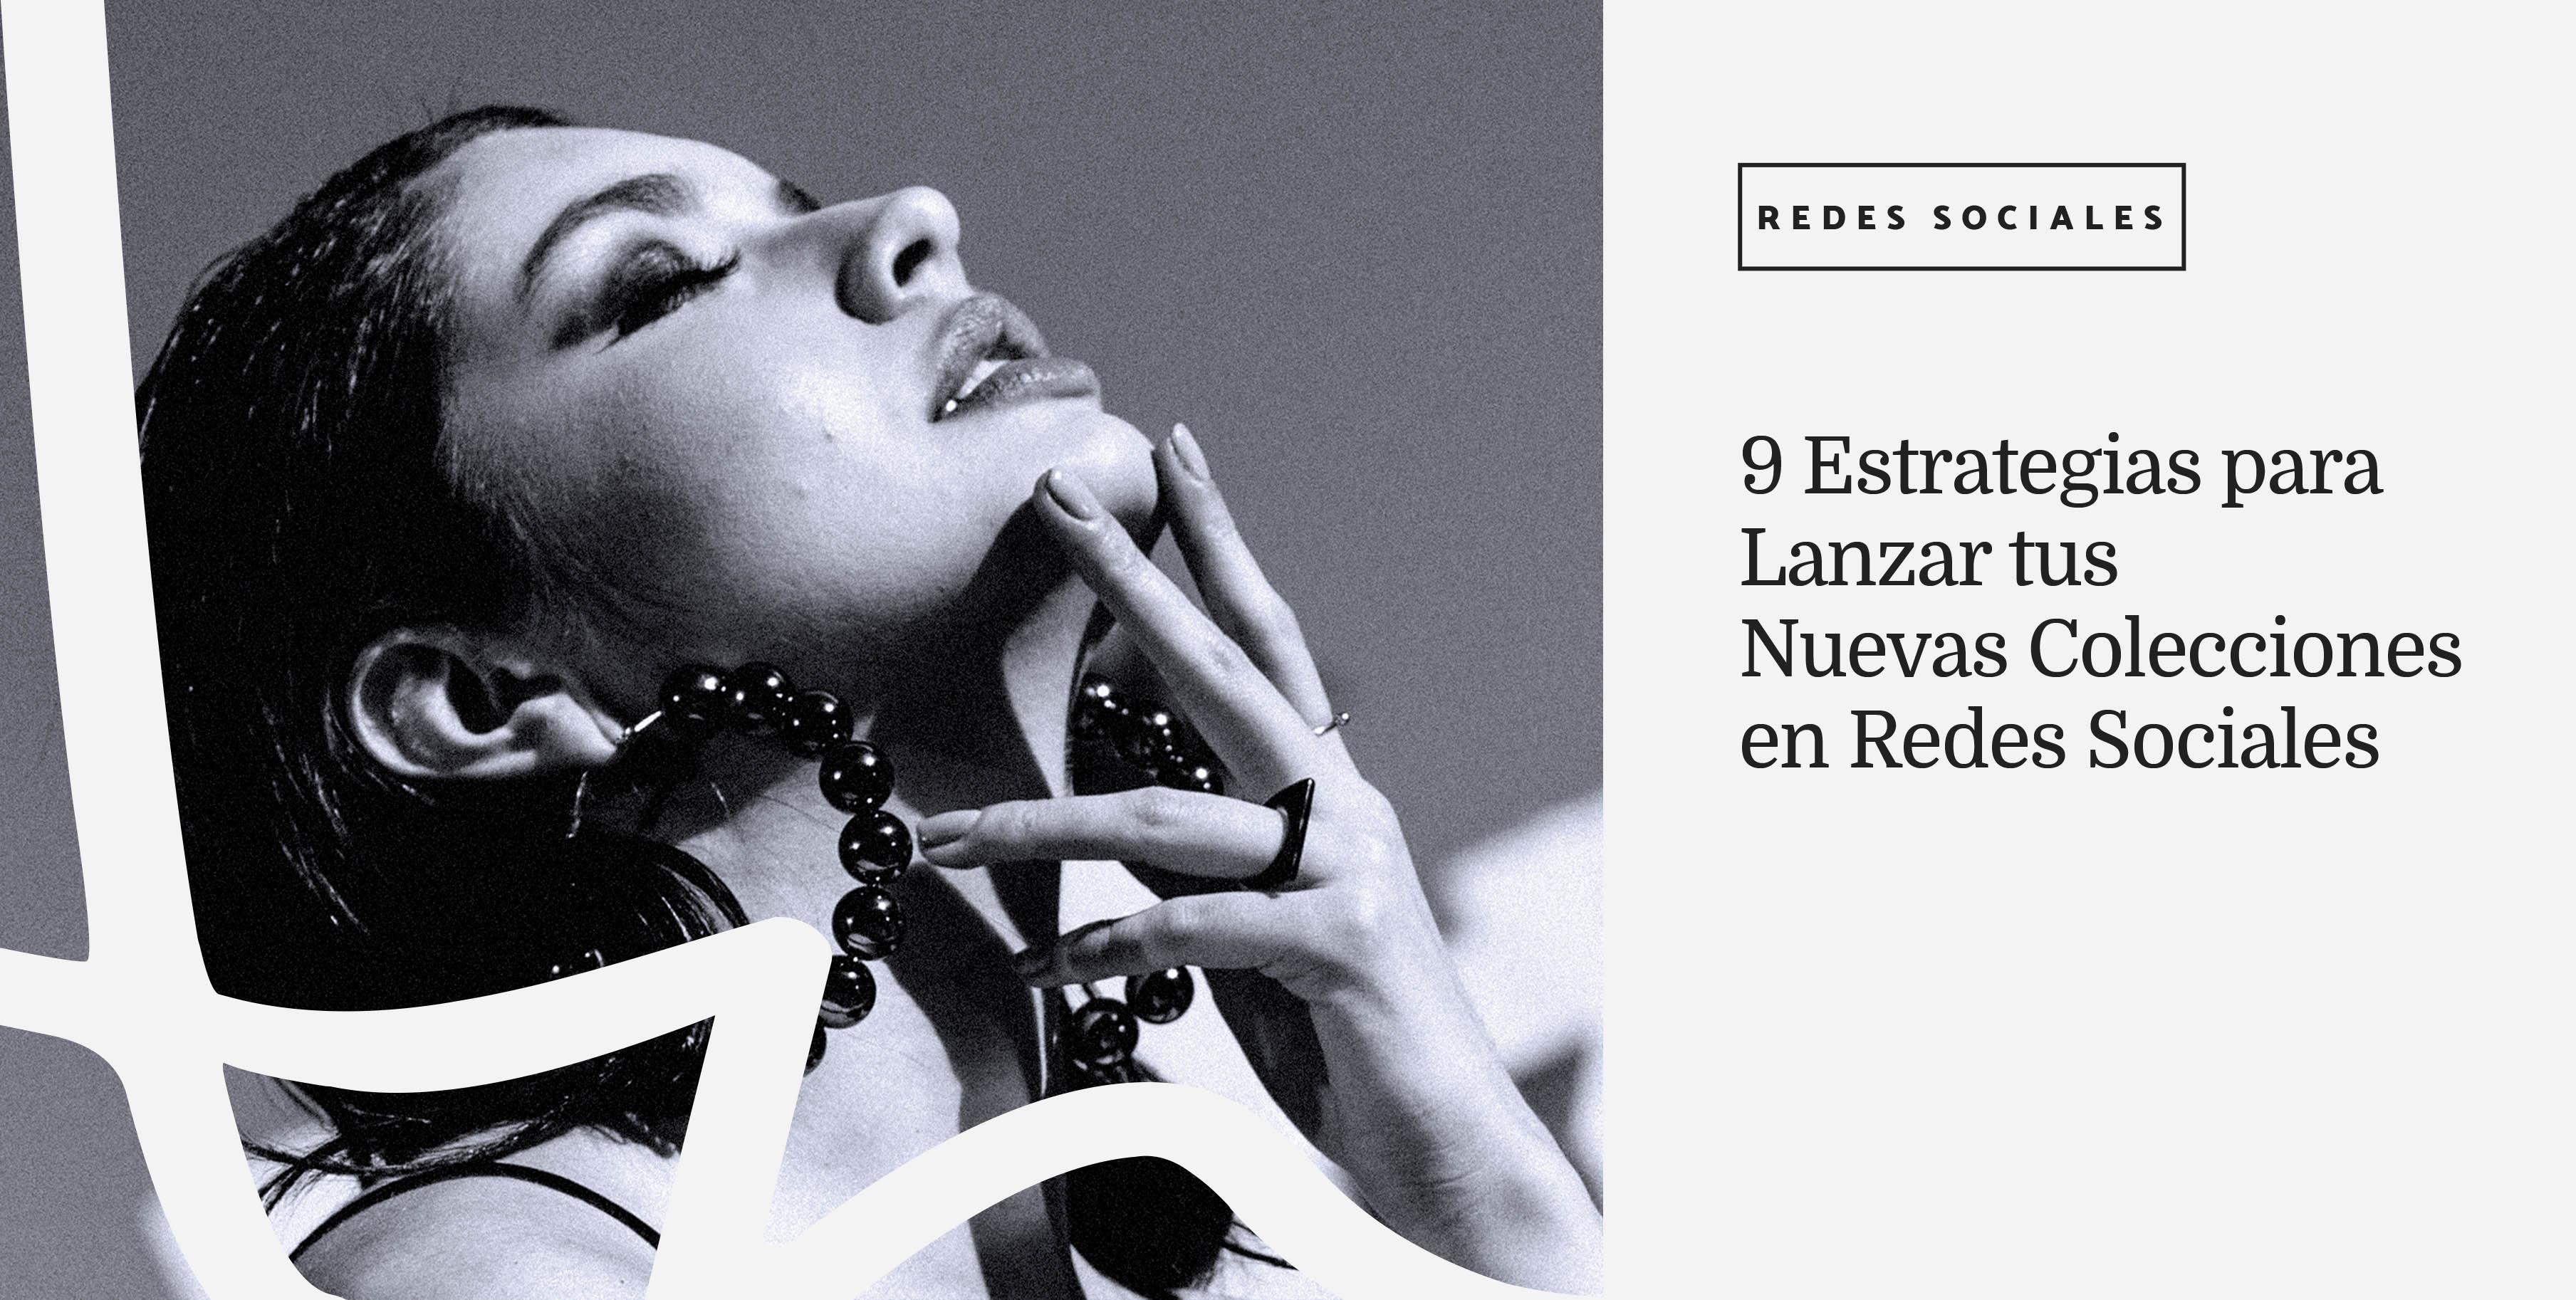 estrategias-para-lanzar-producto-en-redes-sociales-Ana-Diaz-del-Rio-Portada.jpg